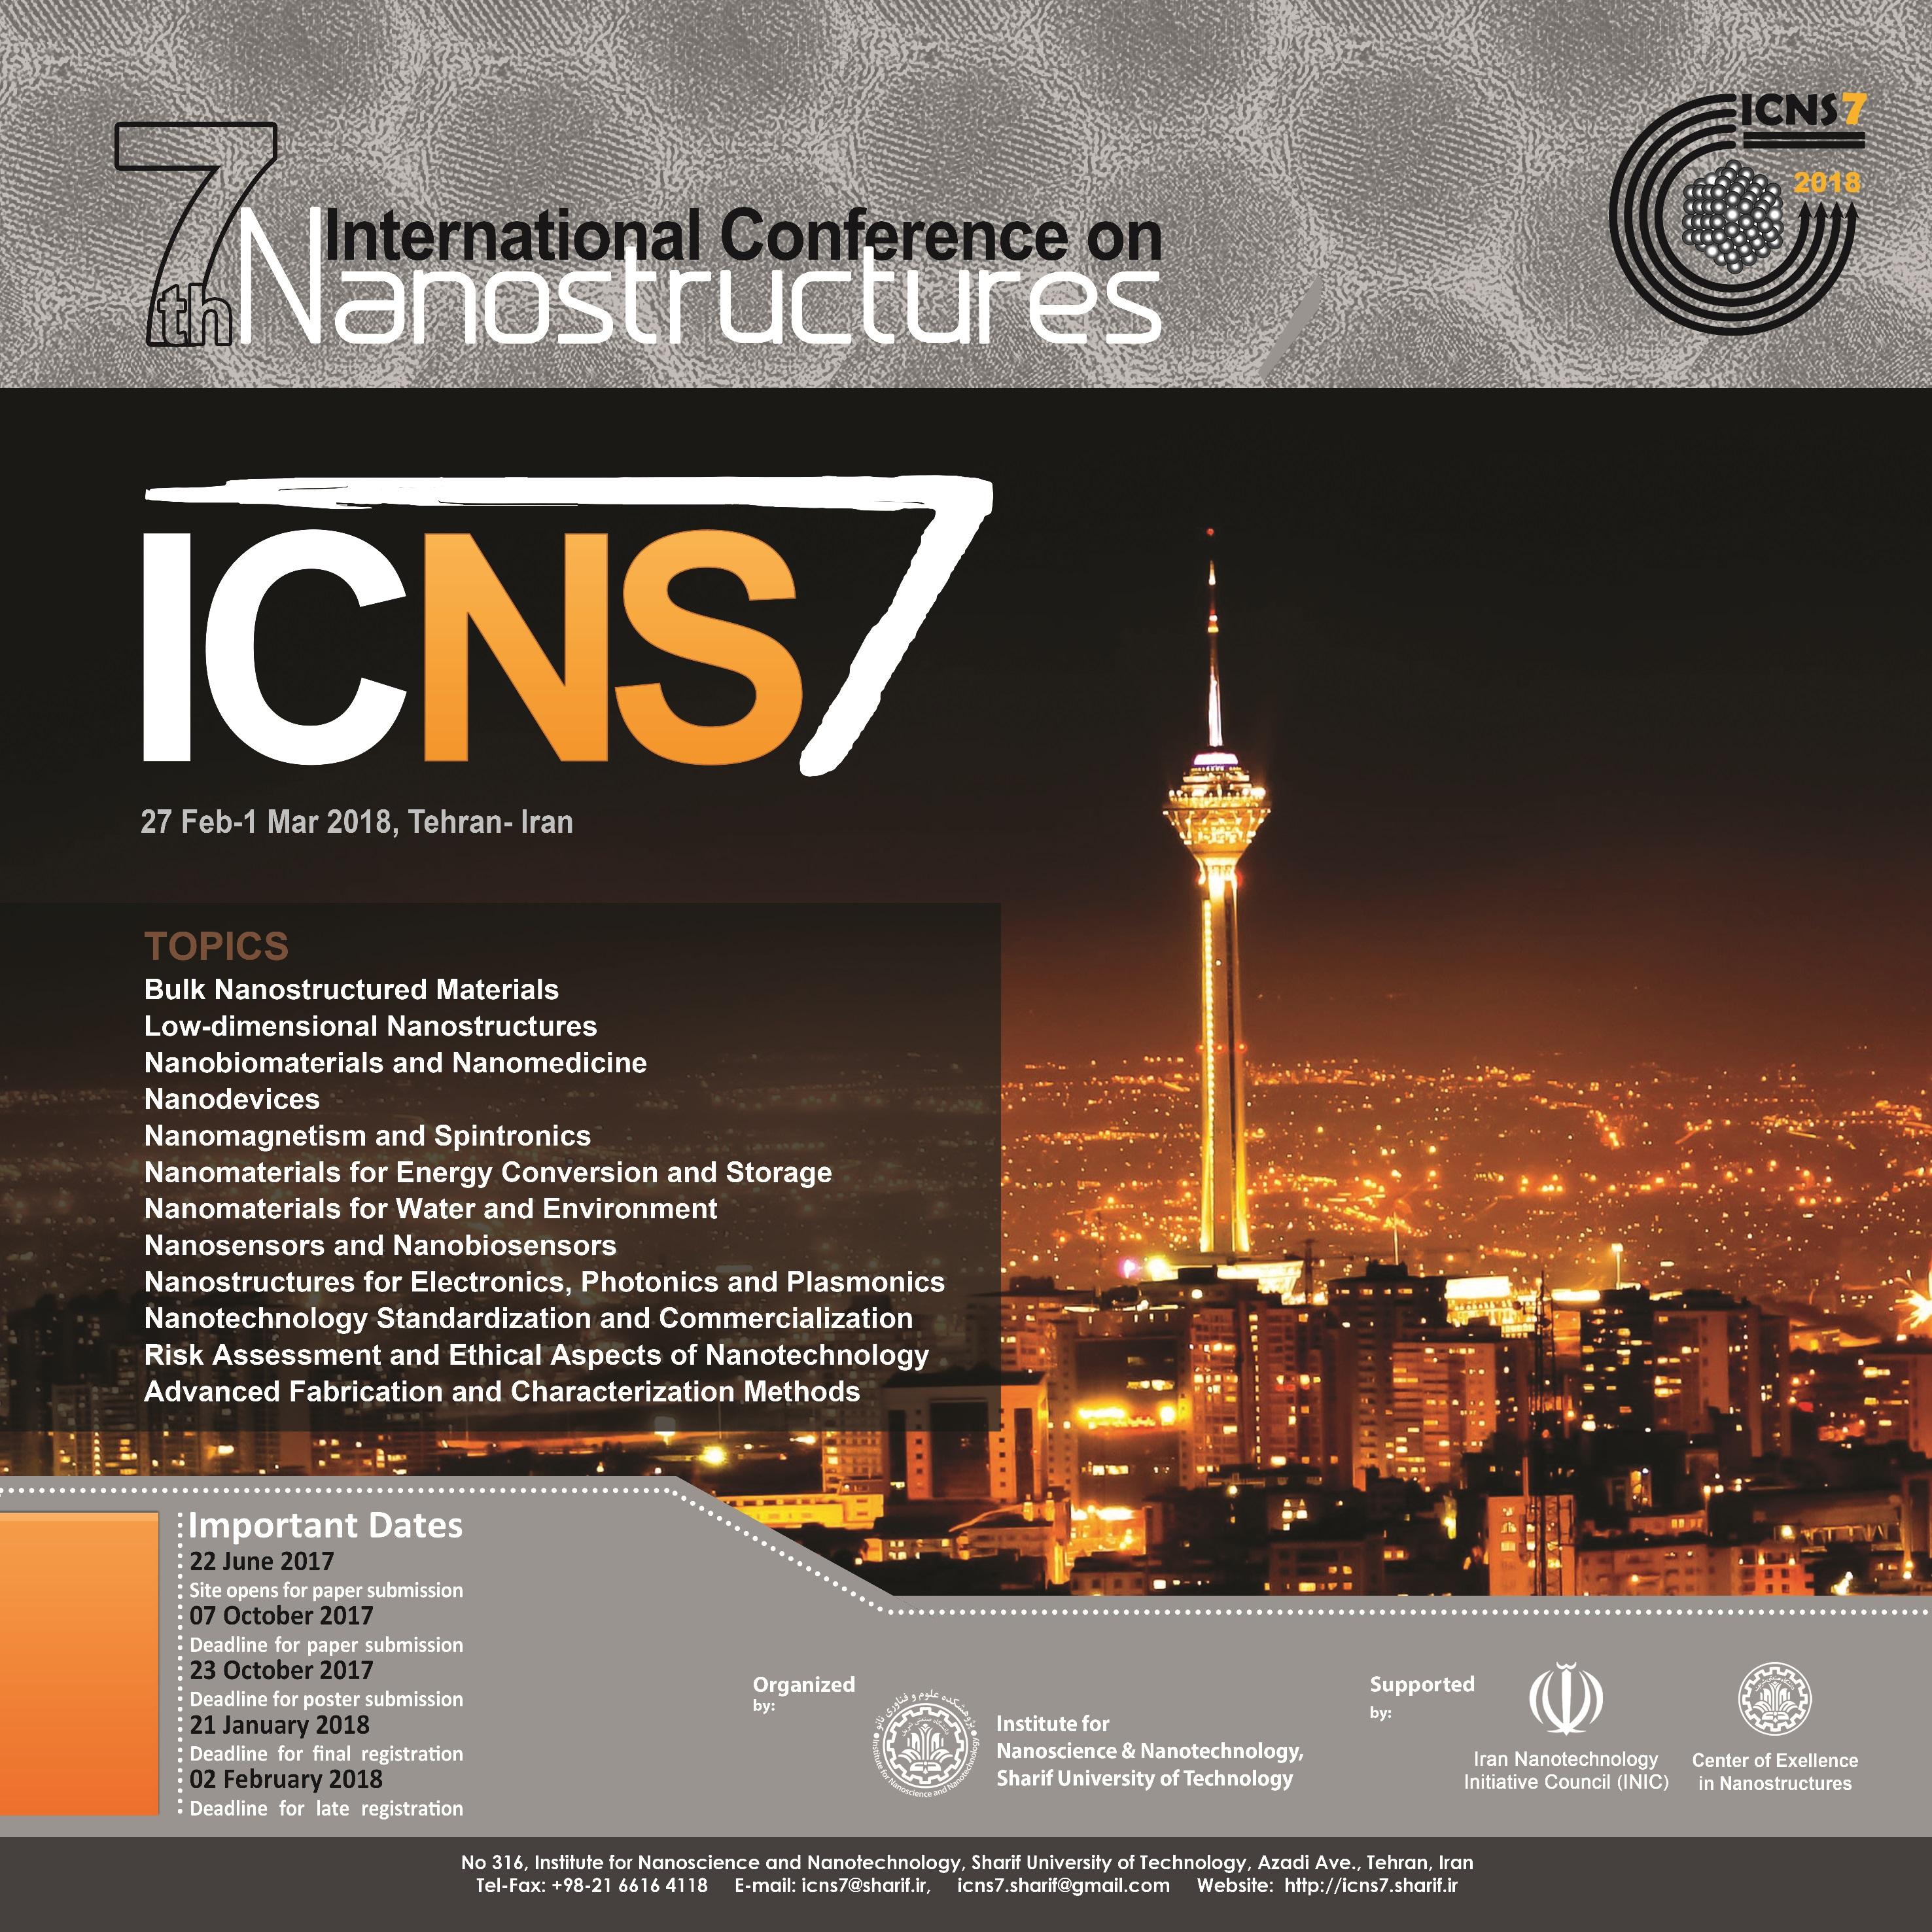 http://icns7.sharif.ir/data/cnf1487767378/uploads/ICNS7-Poster_1.jpg